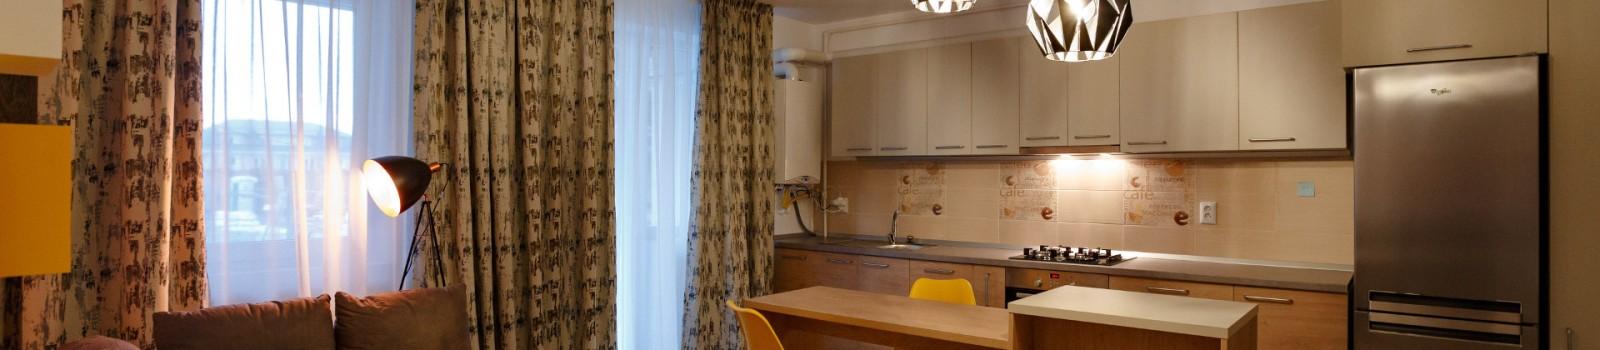 mobilier la comanda apartament de inchiriat brasov